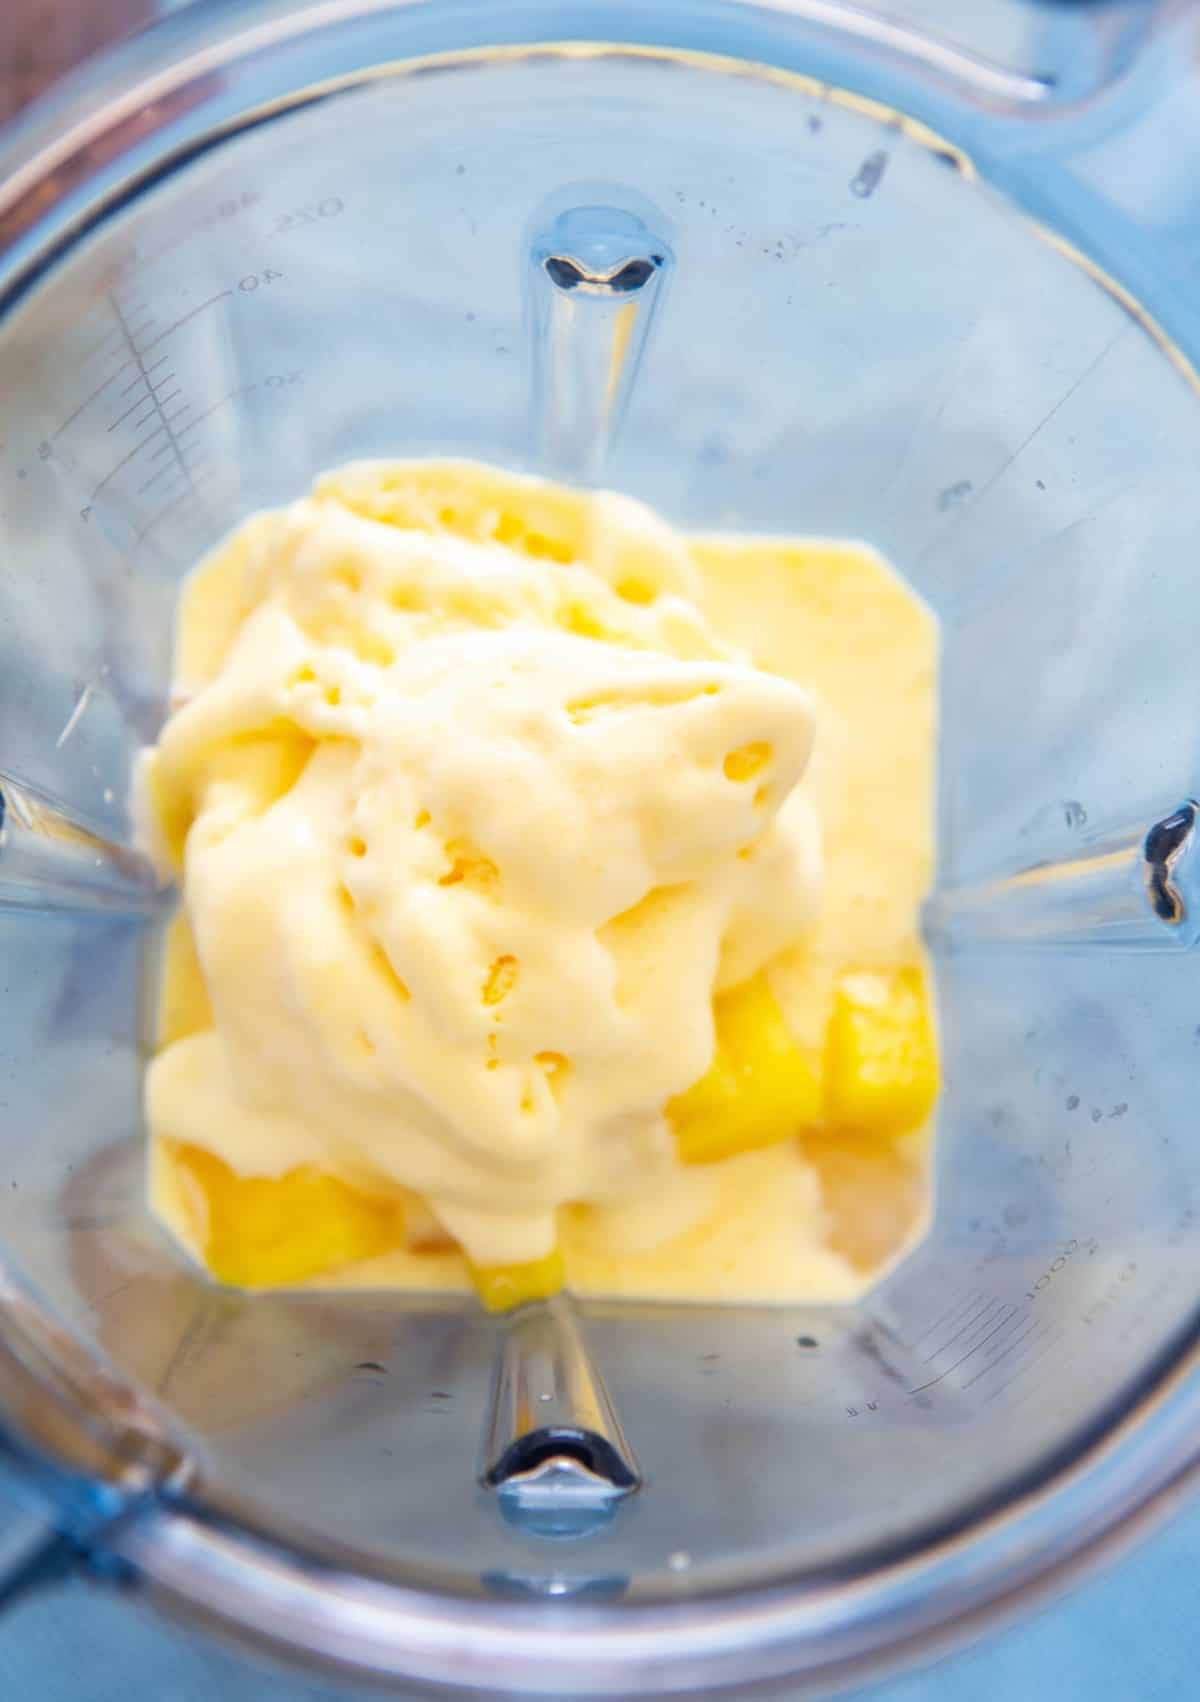 Piña congelada y helado y jugo colocados en una licuadora.